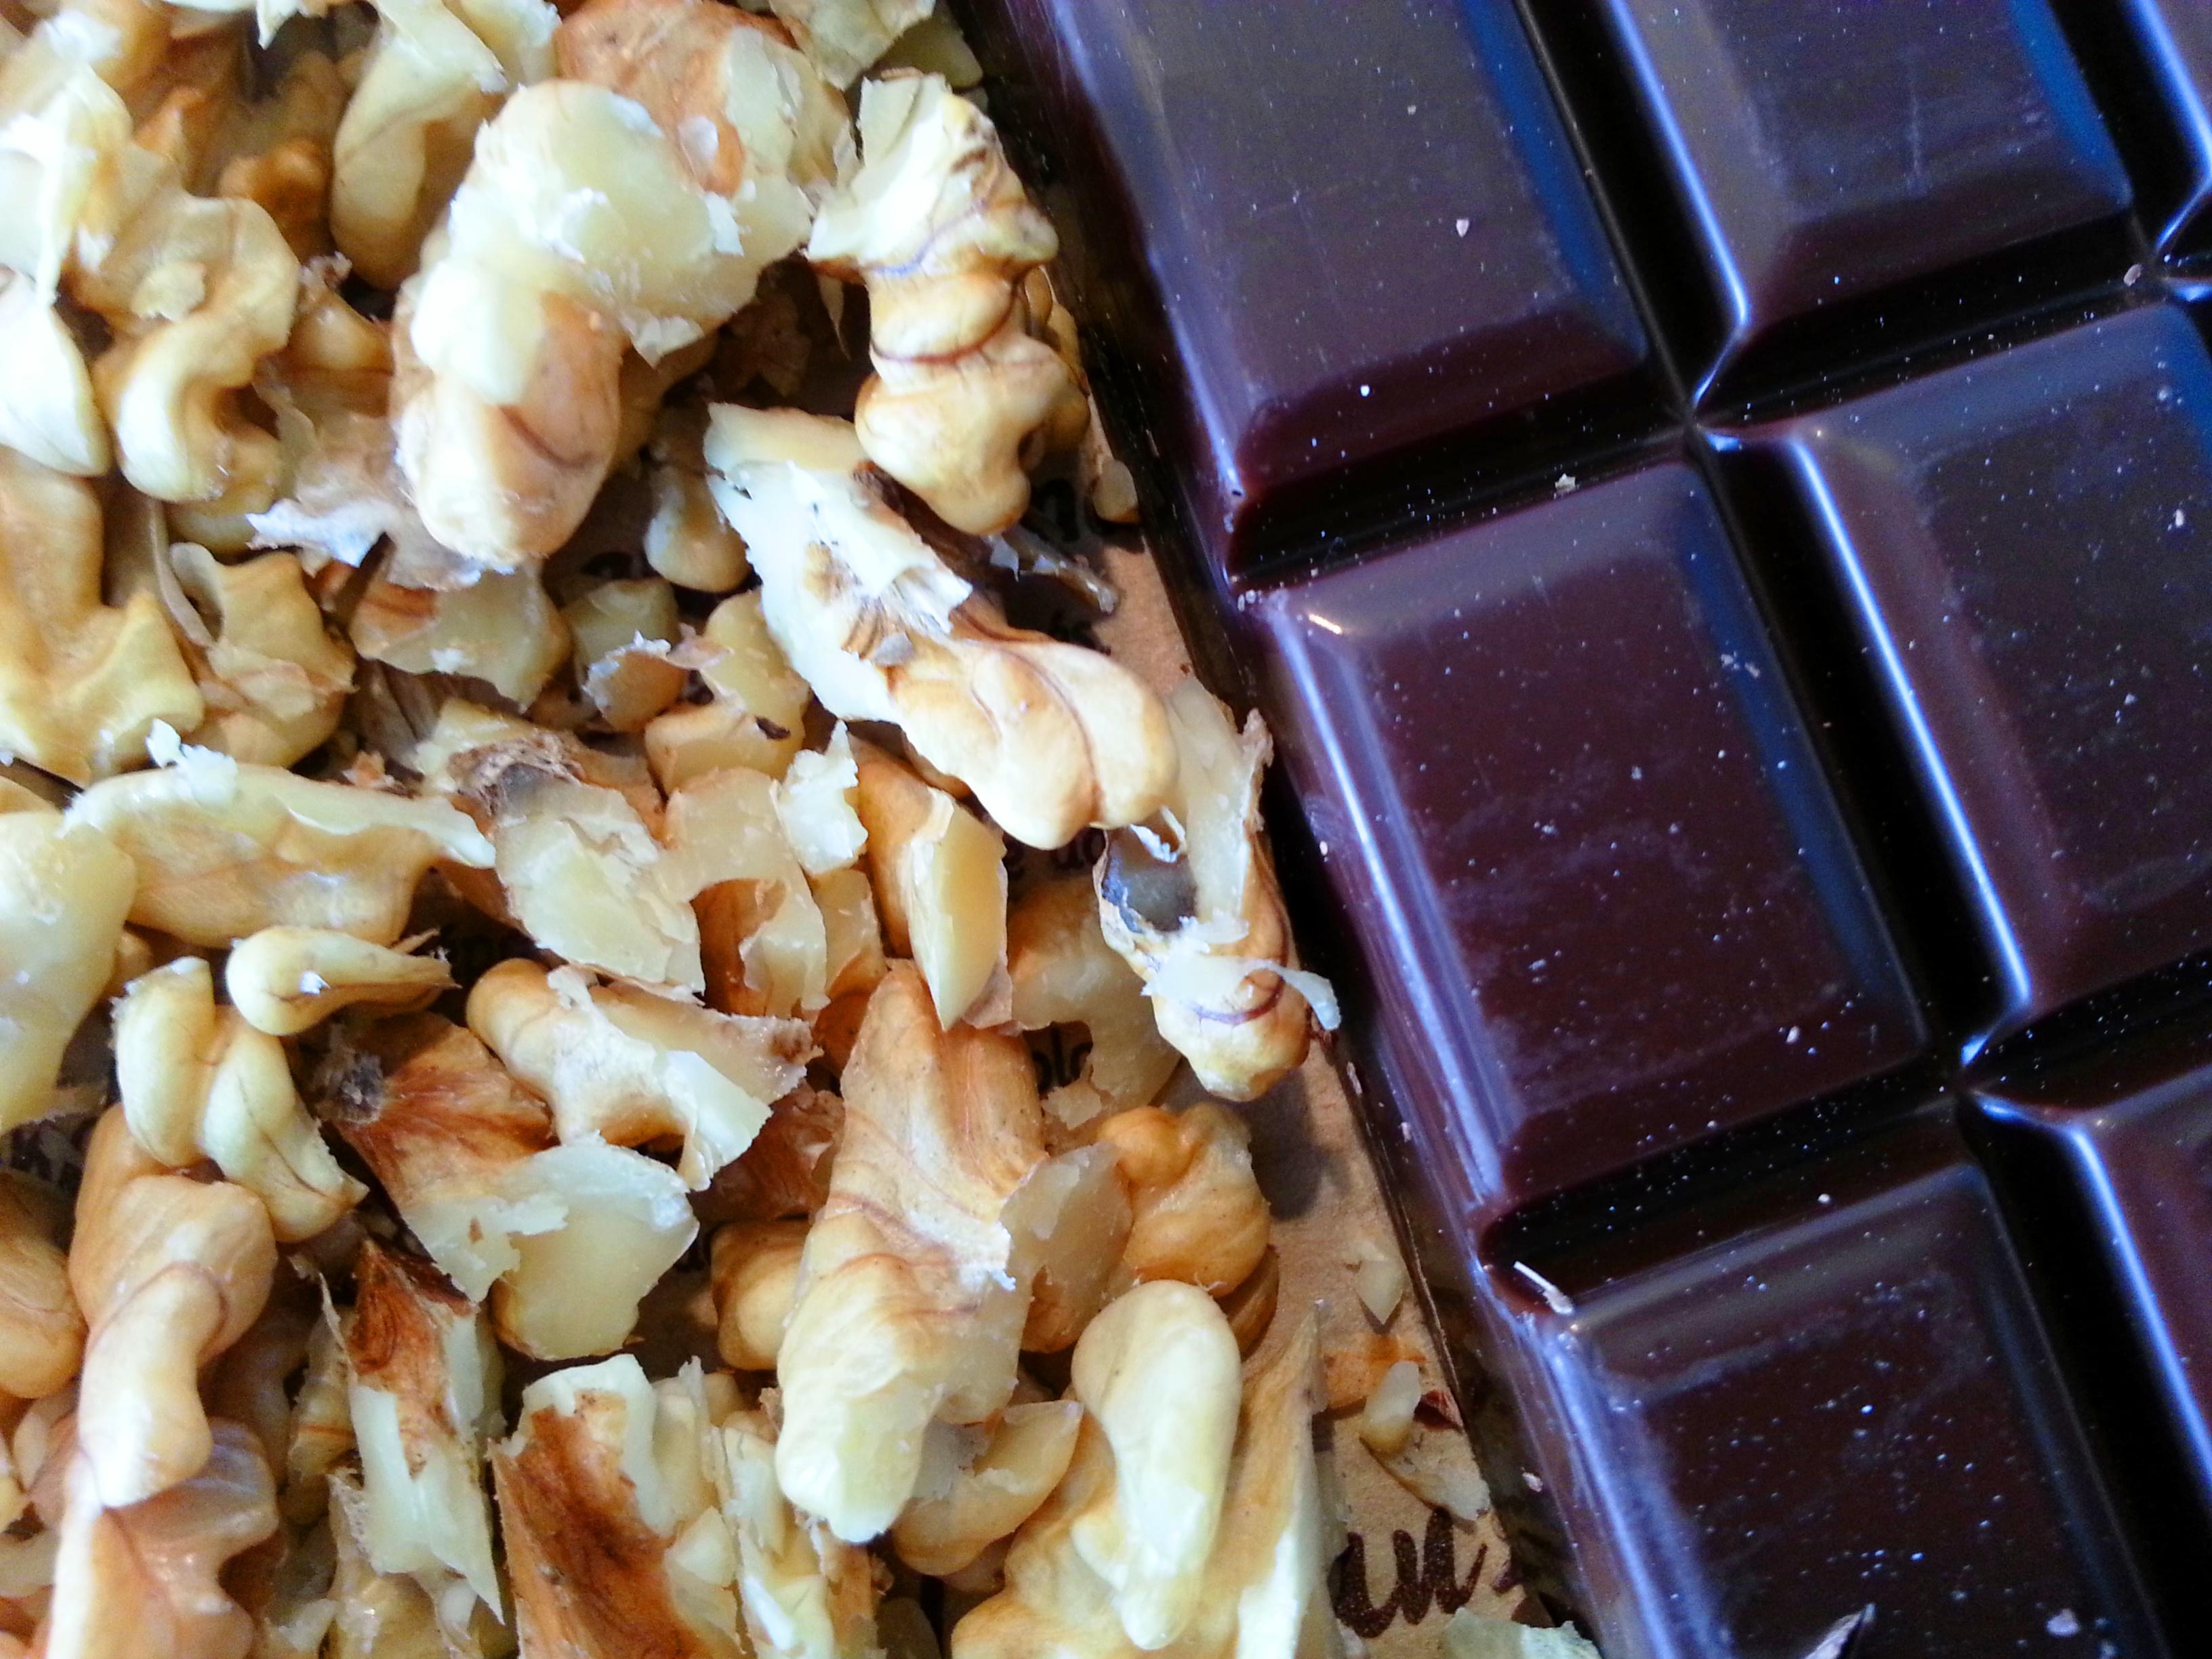 cerneaux de noix carres de chocolat noir pour cookies maison